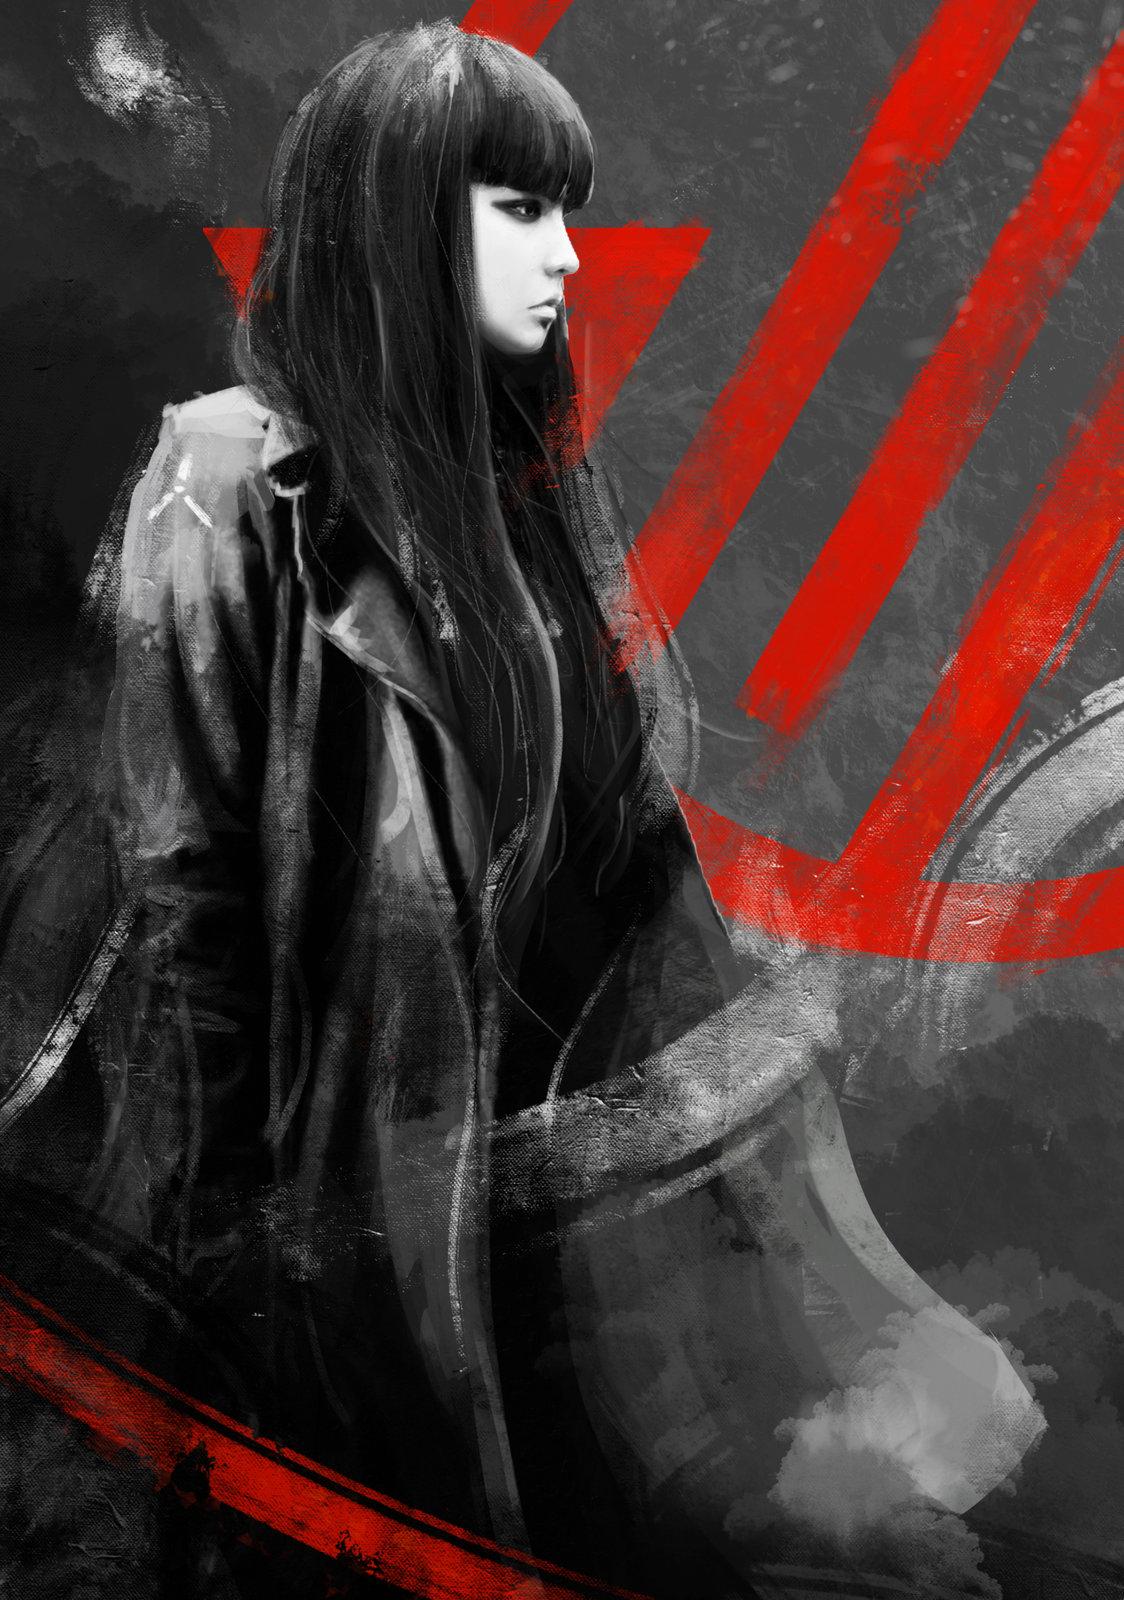 cloaker